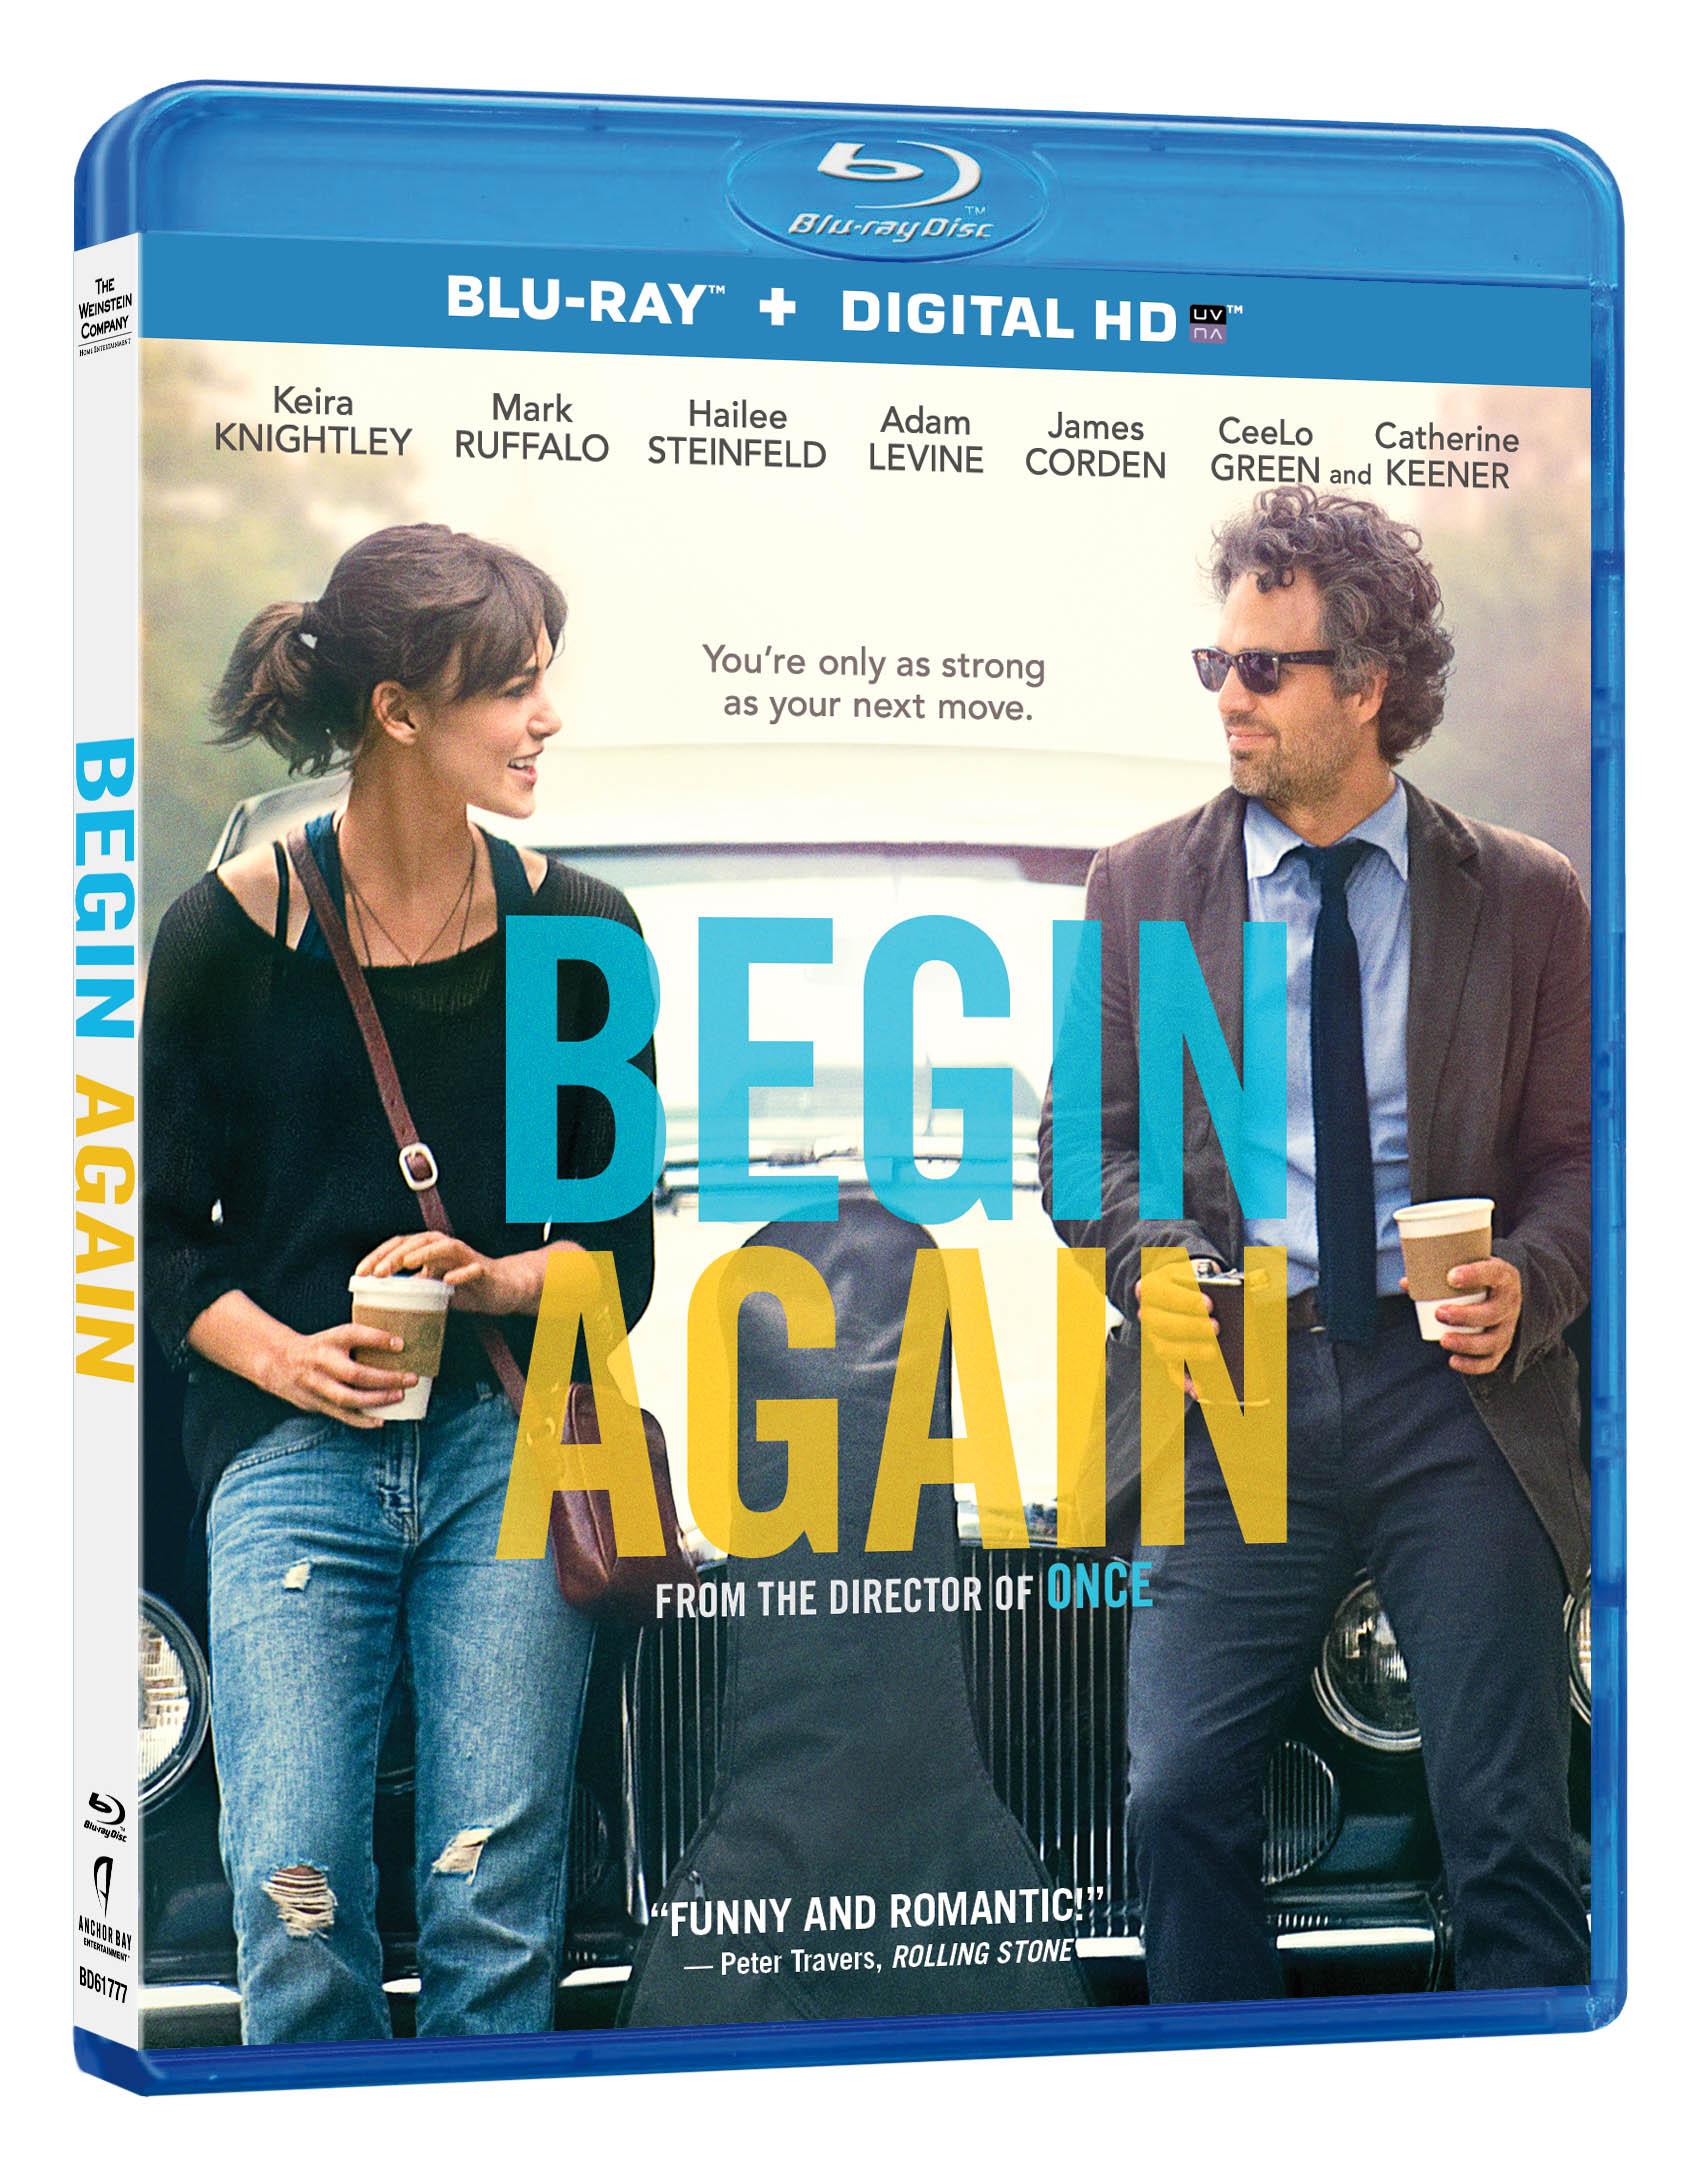 Begin Again Blu-ray Review